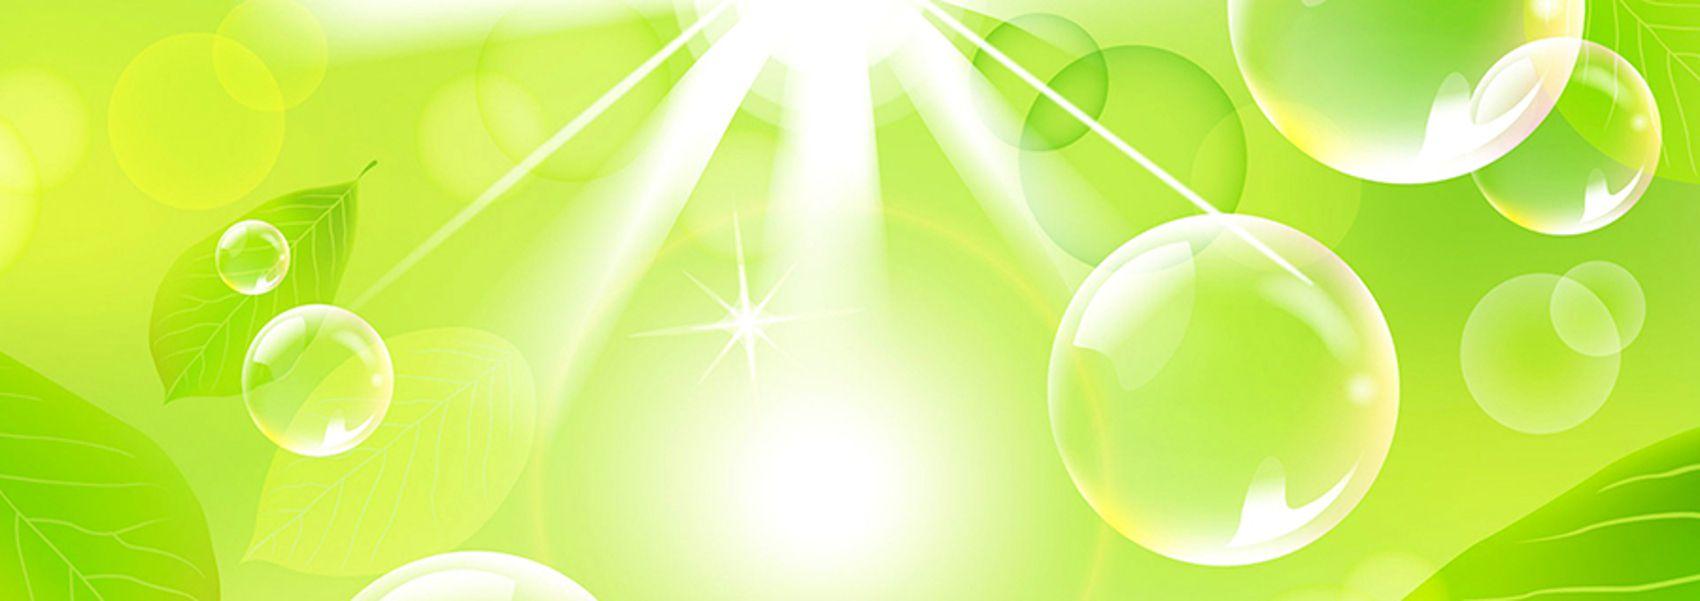 прозрачные шары на зеленом фоне